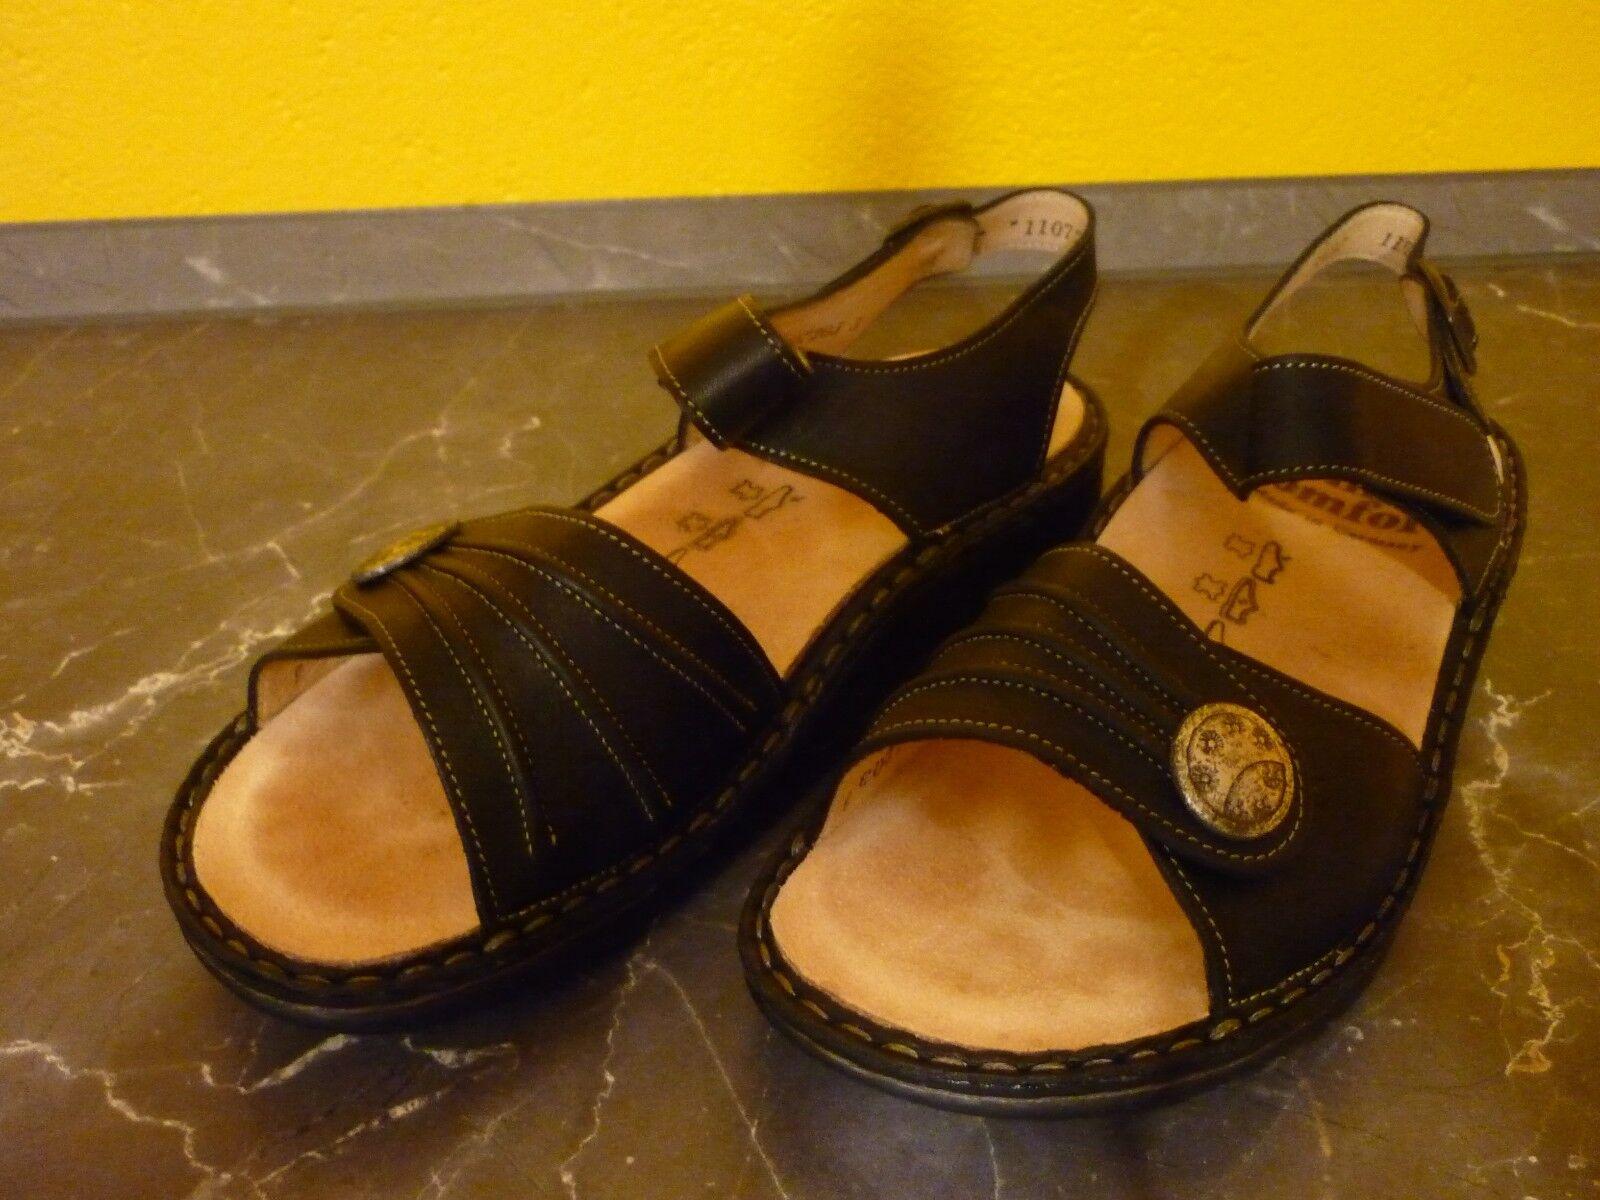 Damen Sandaletten der Marke Finn Comfort neu für den Sommer, wie neu Comfort 53275d